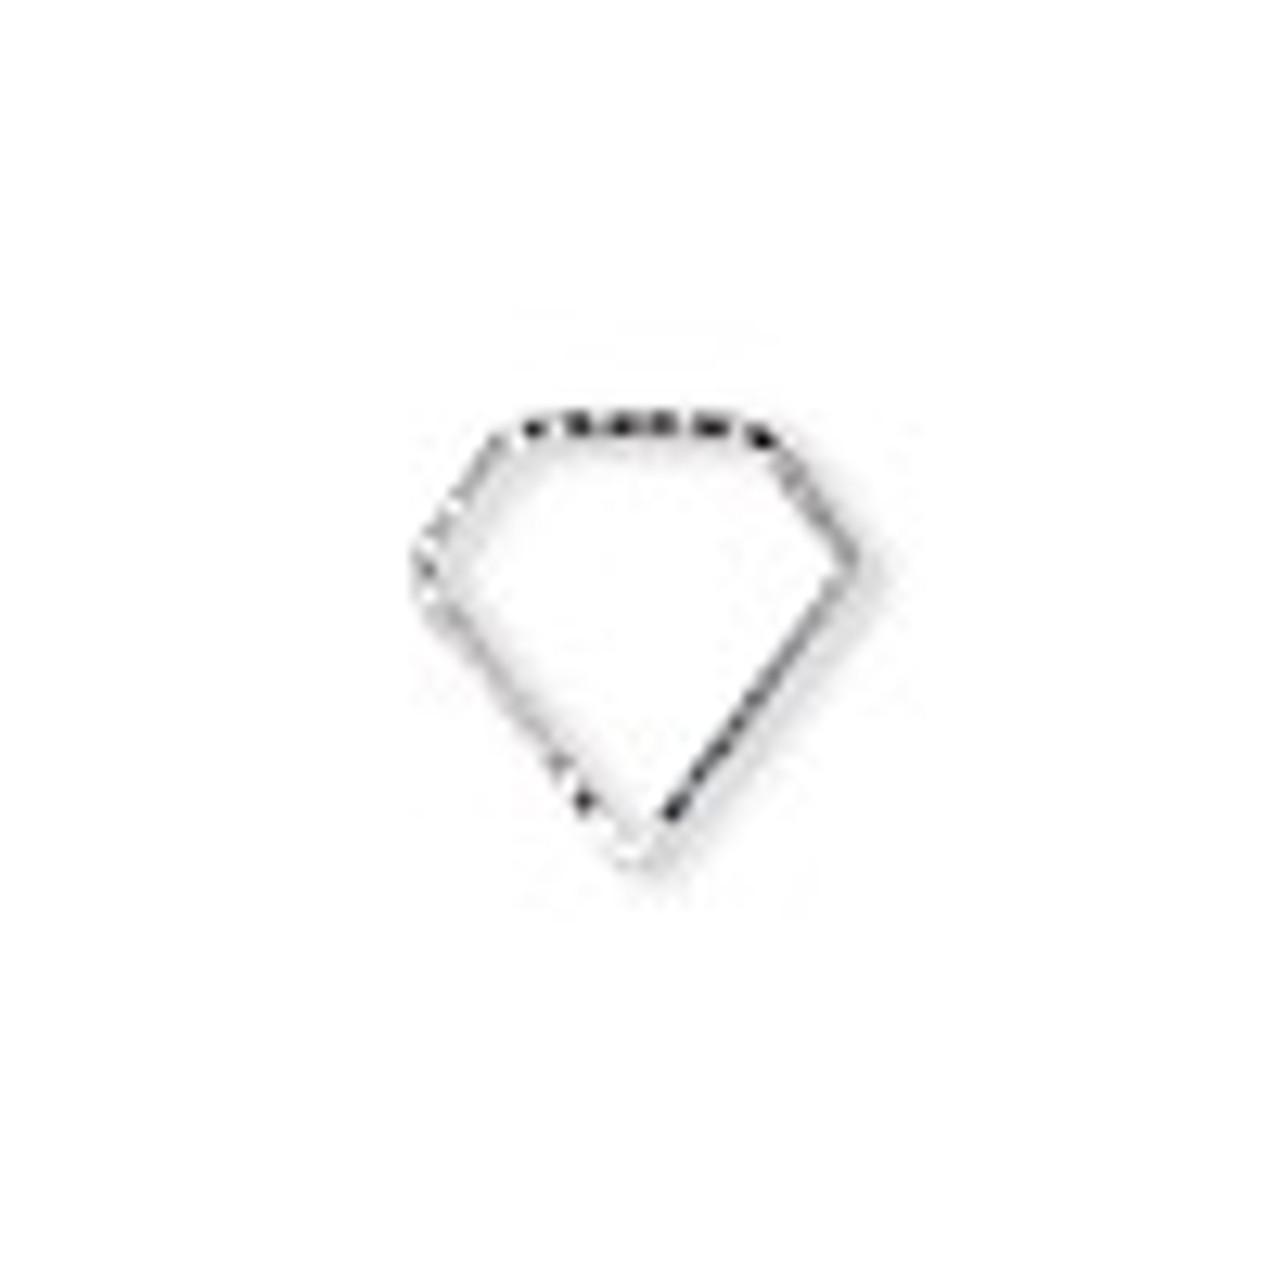 15.5x15.5mm SP Diamond Cut Open Gem (6pk)